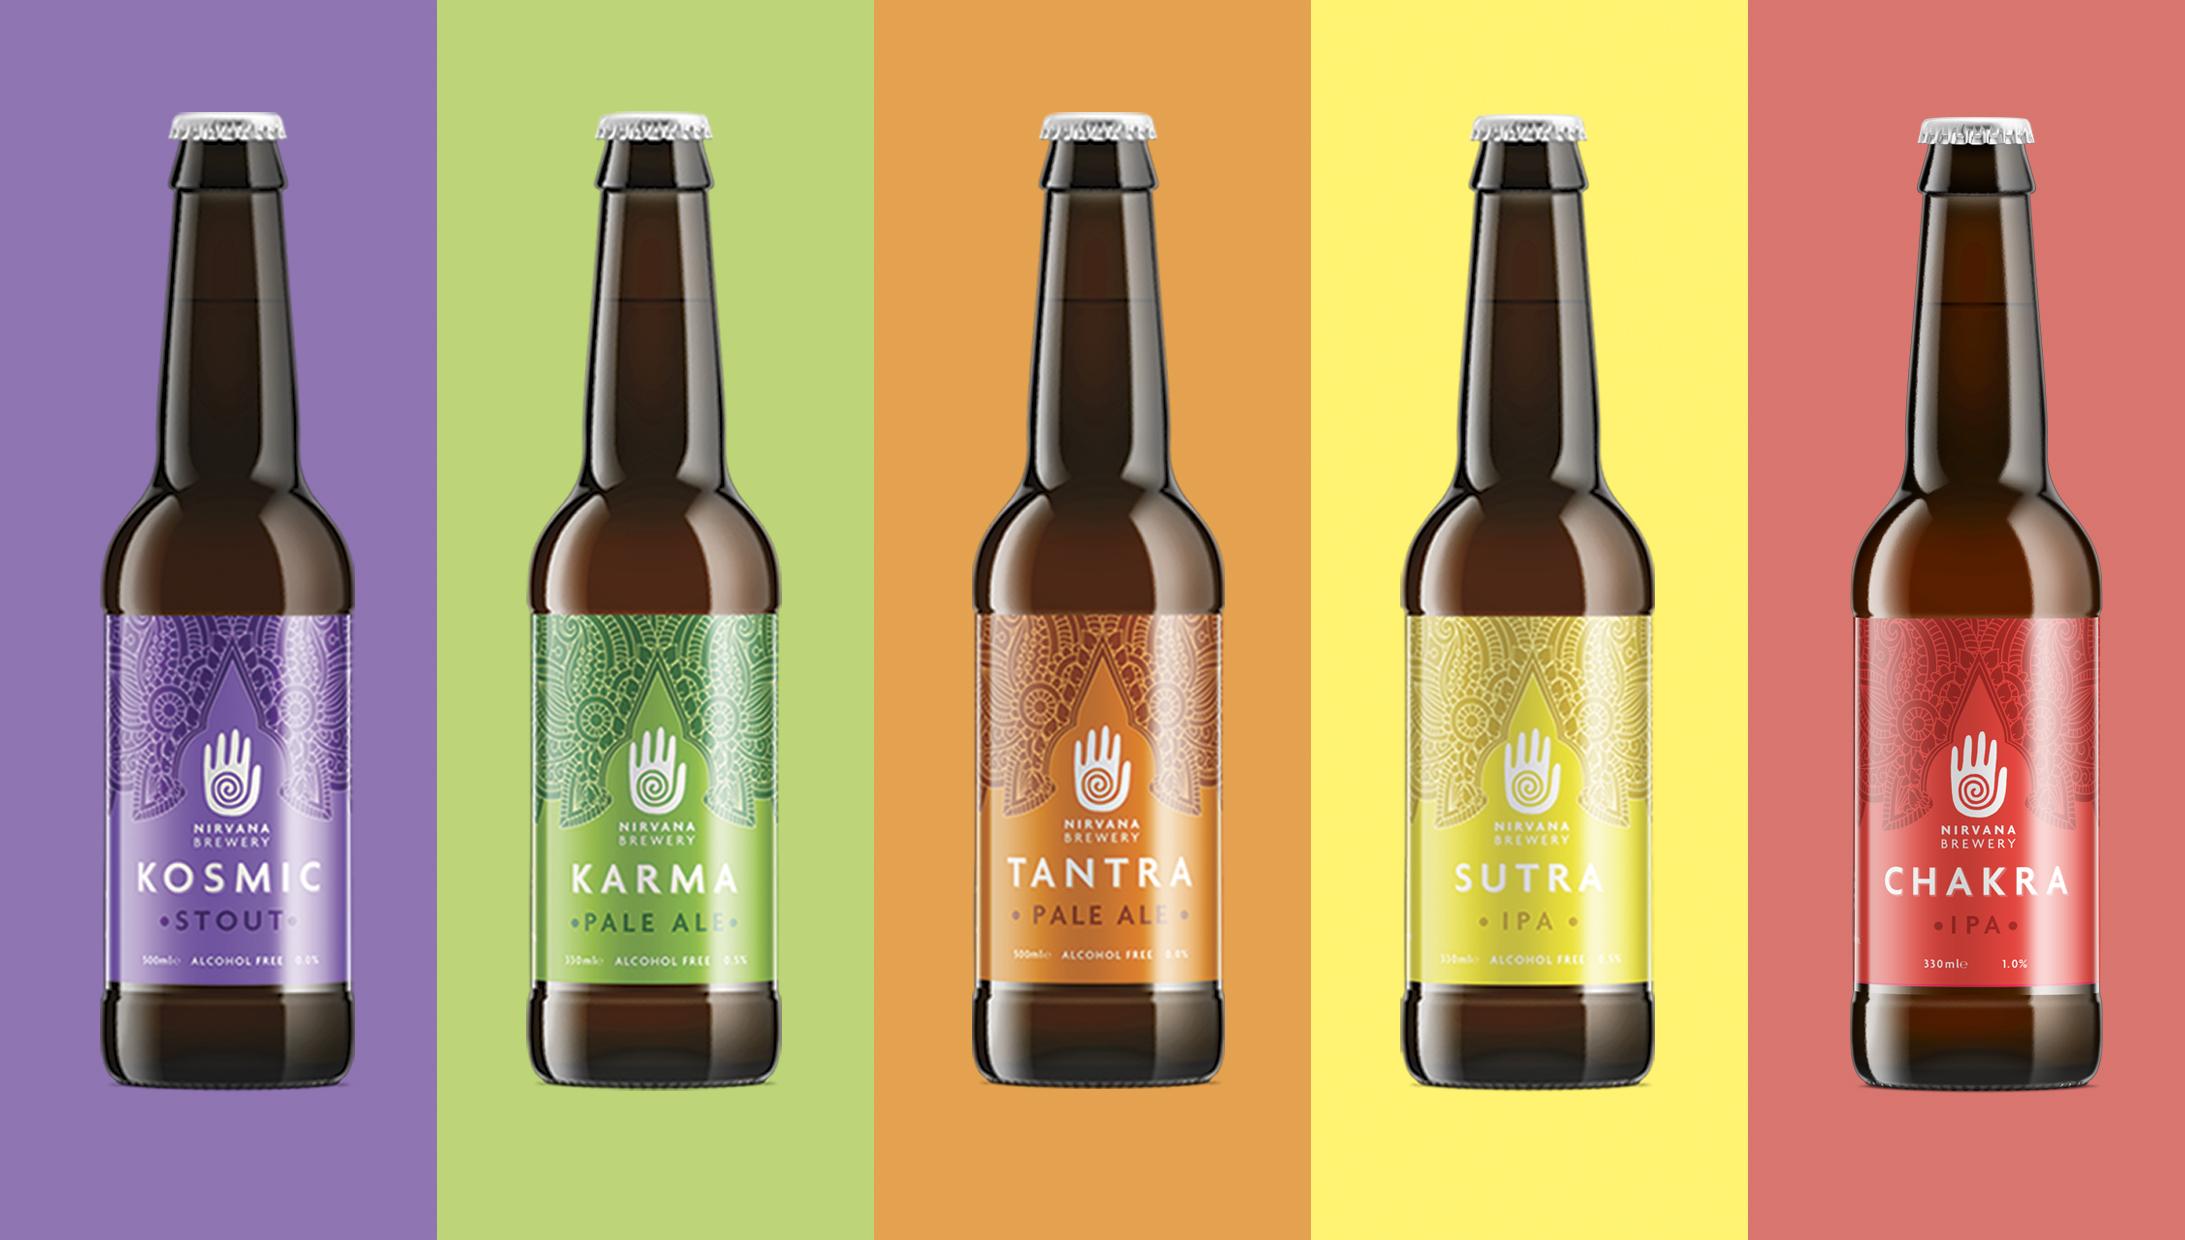 Nirvana beers